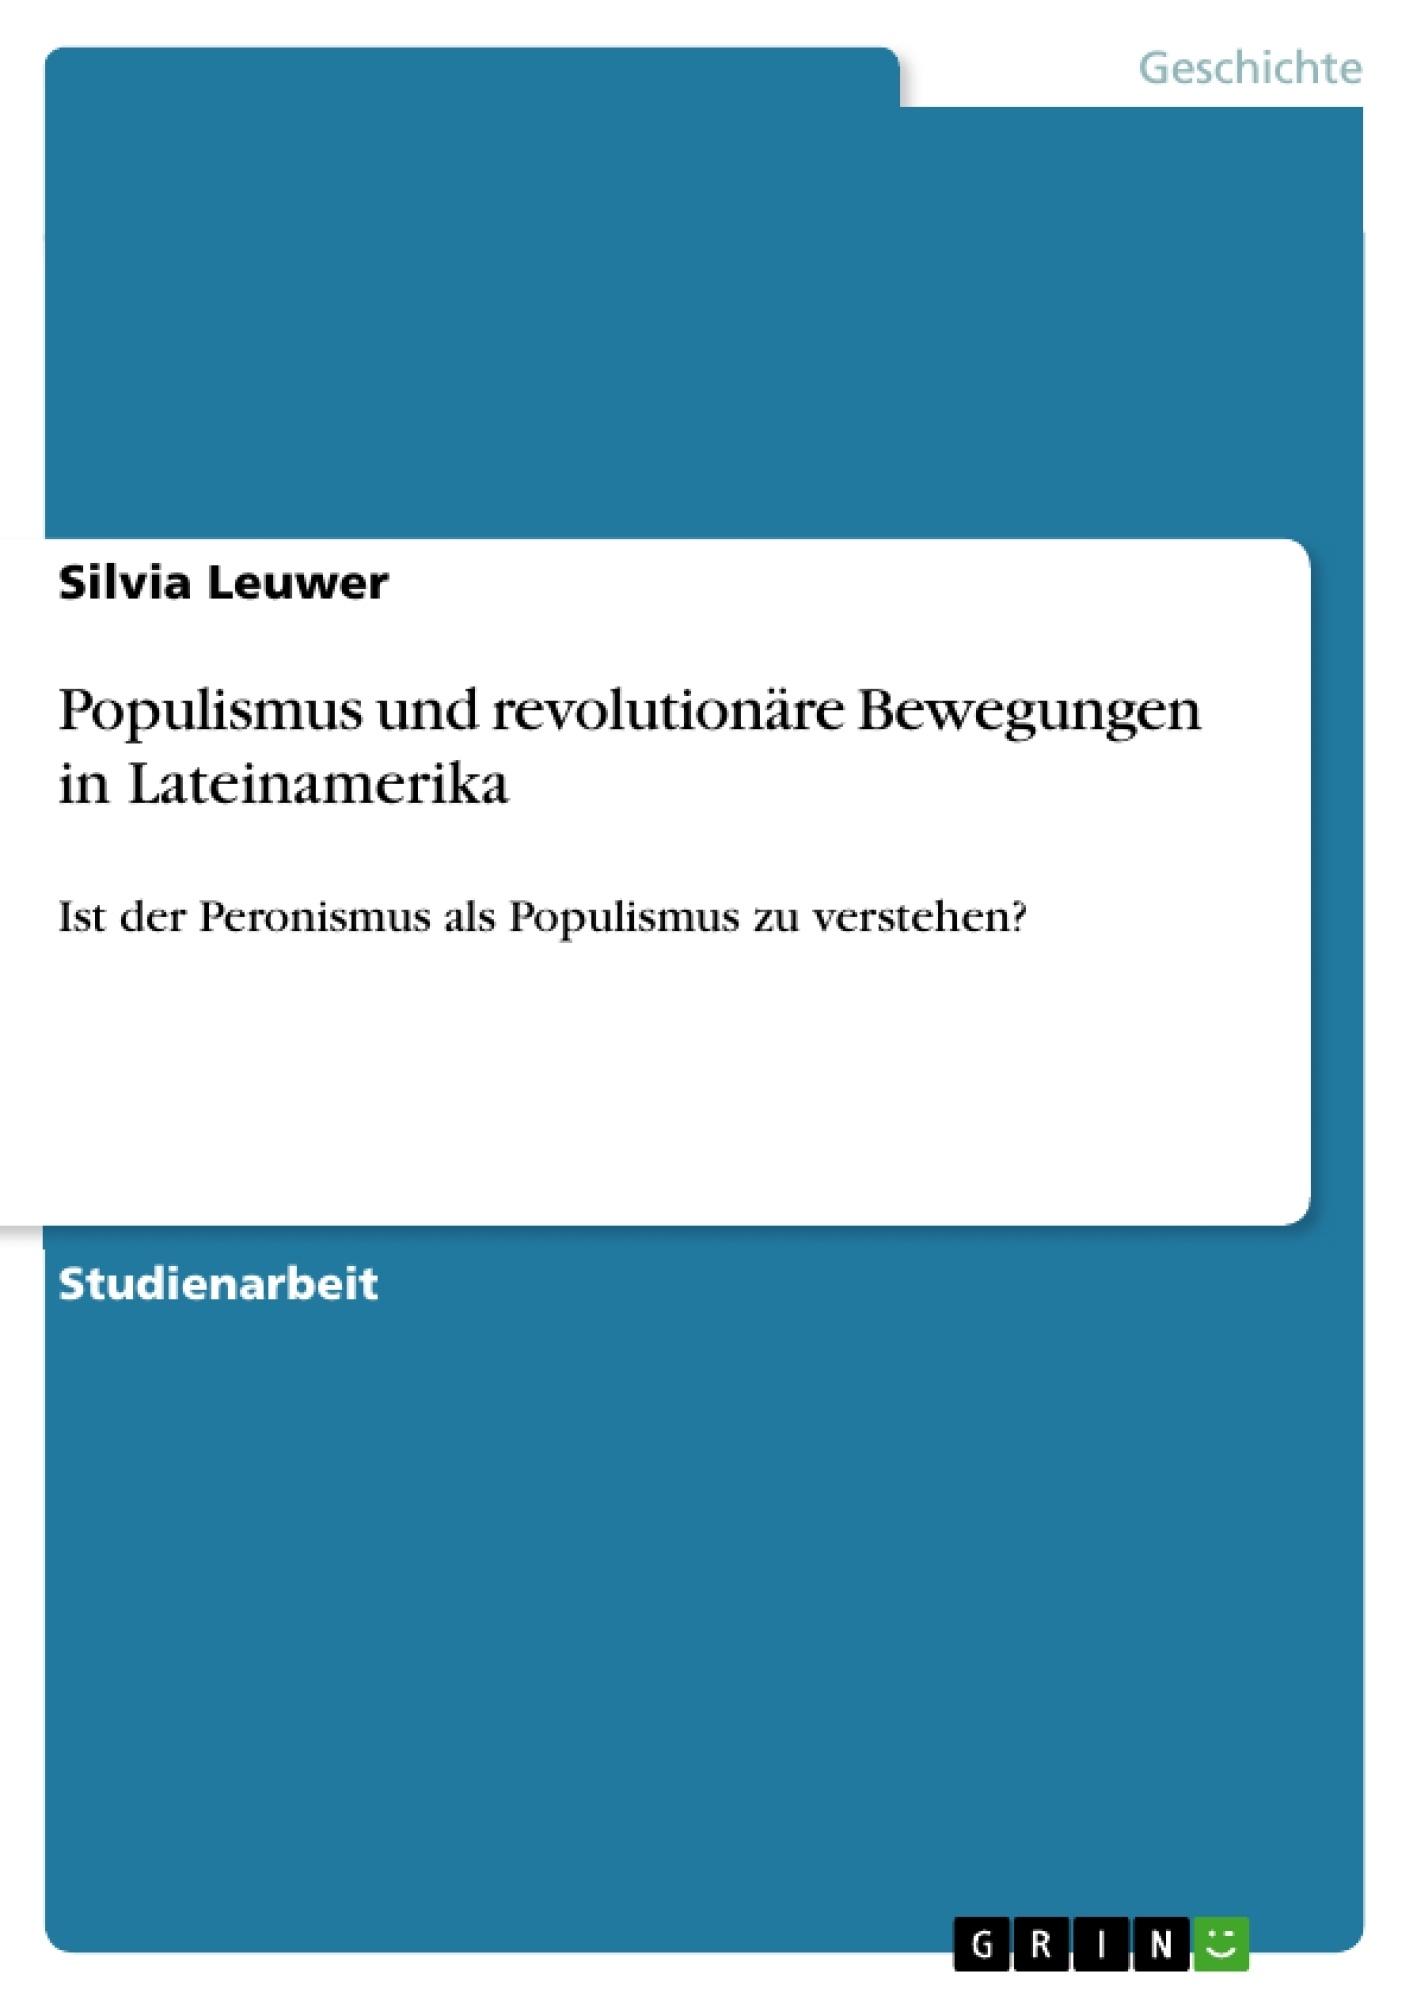 Titel: Populismus und revolutionäre Bewegungen in Lateinamerika